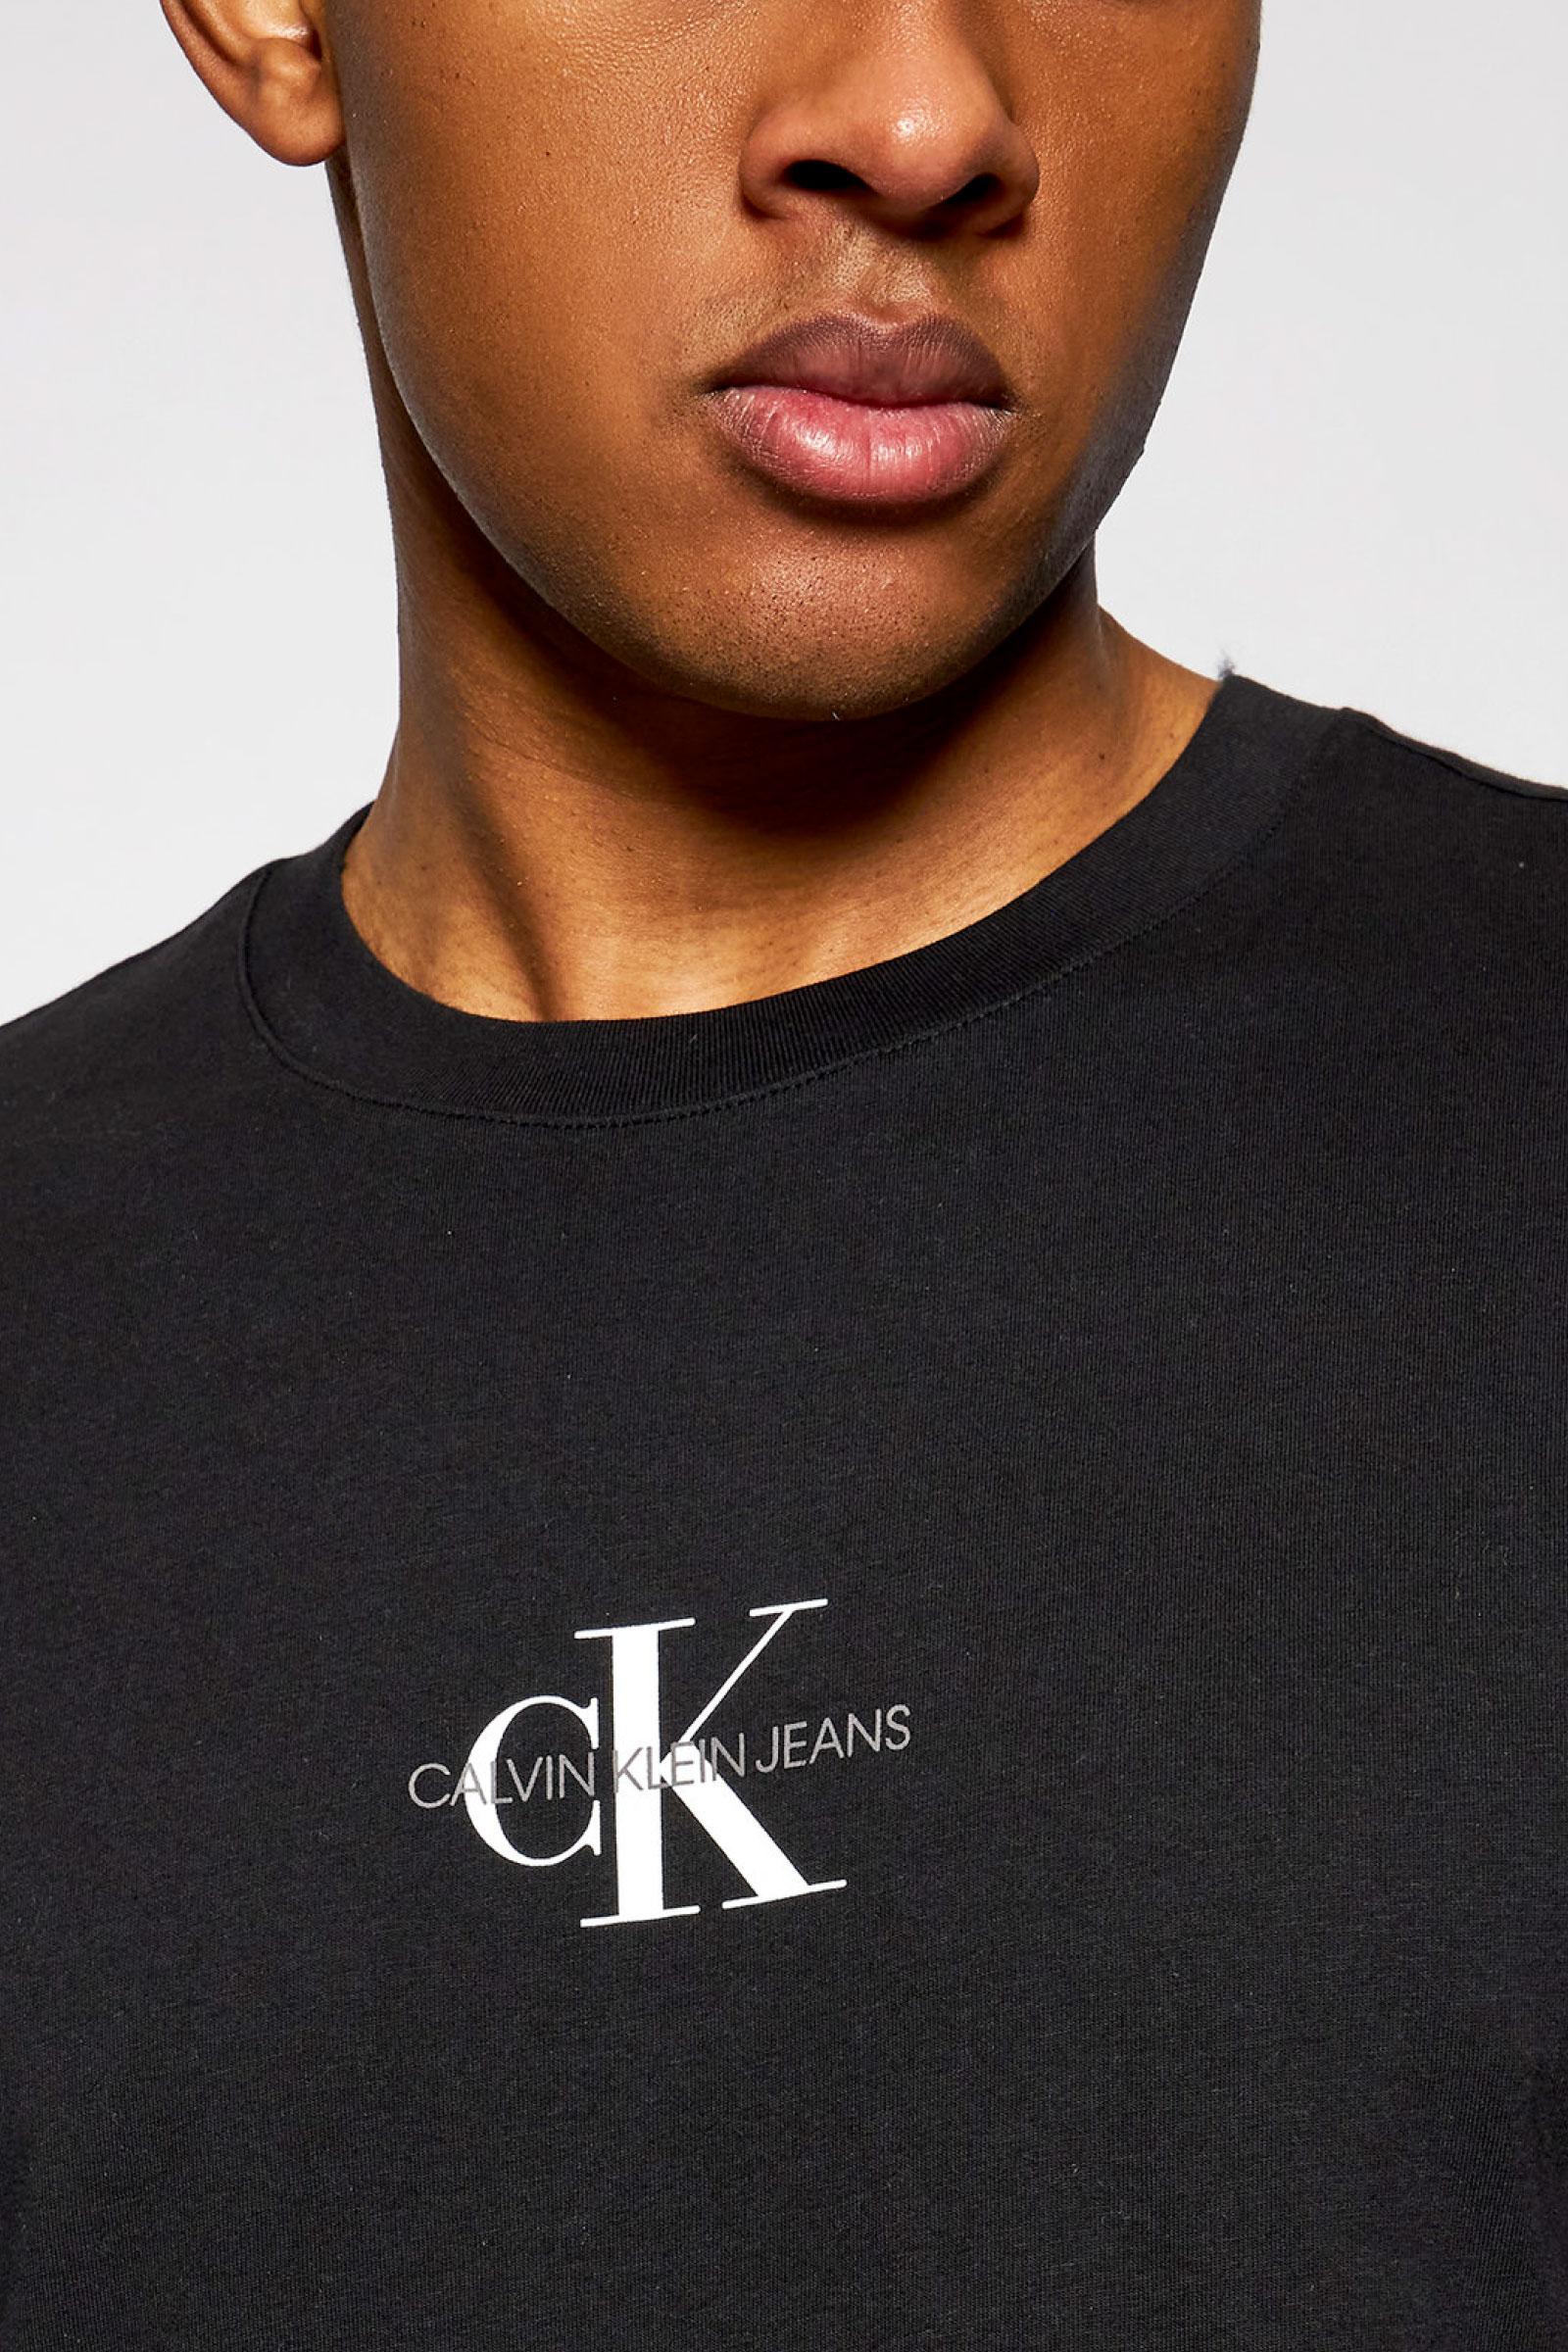 CALVIN KLEIN JEANS T-Shirt Uomo CALVIN KLEIN JEANS   T-Shirt   J30J314267BAE